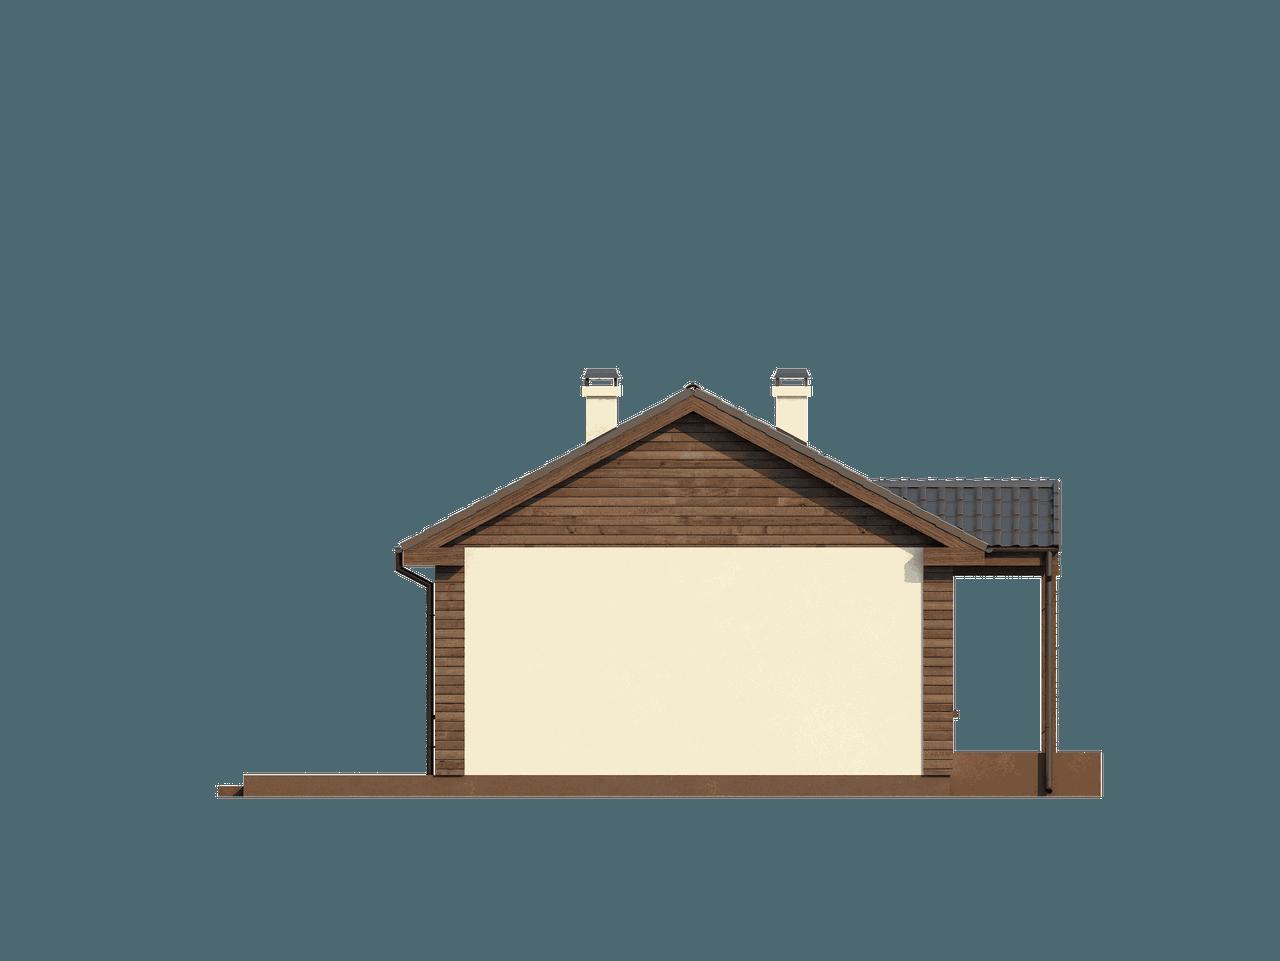 Gotowy projekt domu Z11 - Mały dom parterowy z dachem dwuspadowym. Tani w budowie i użytkowaniu.